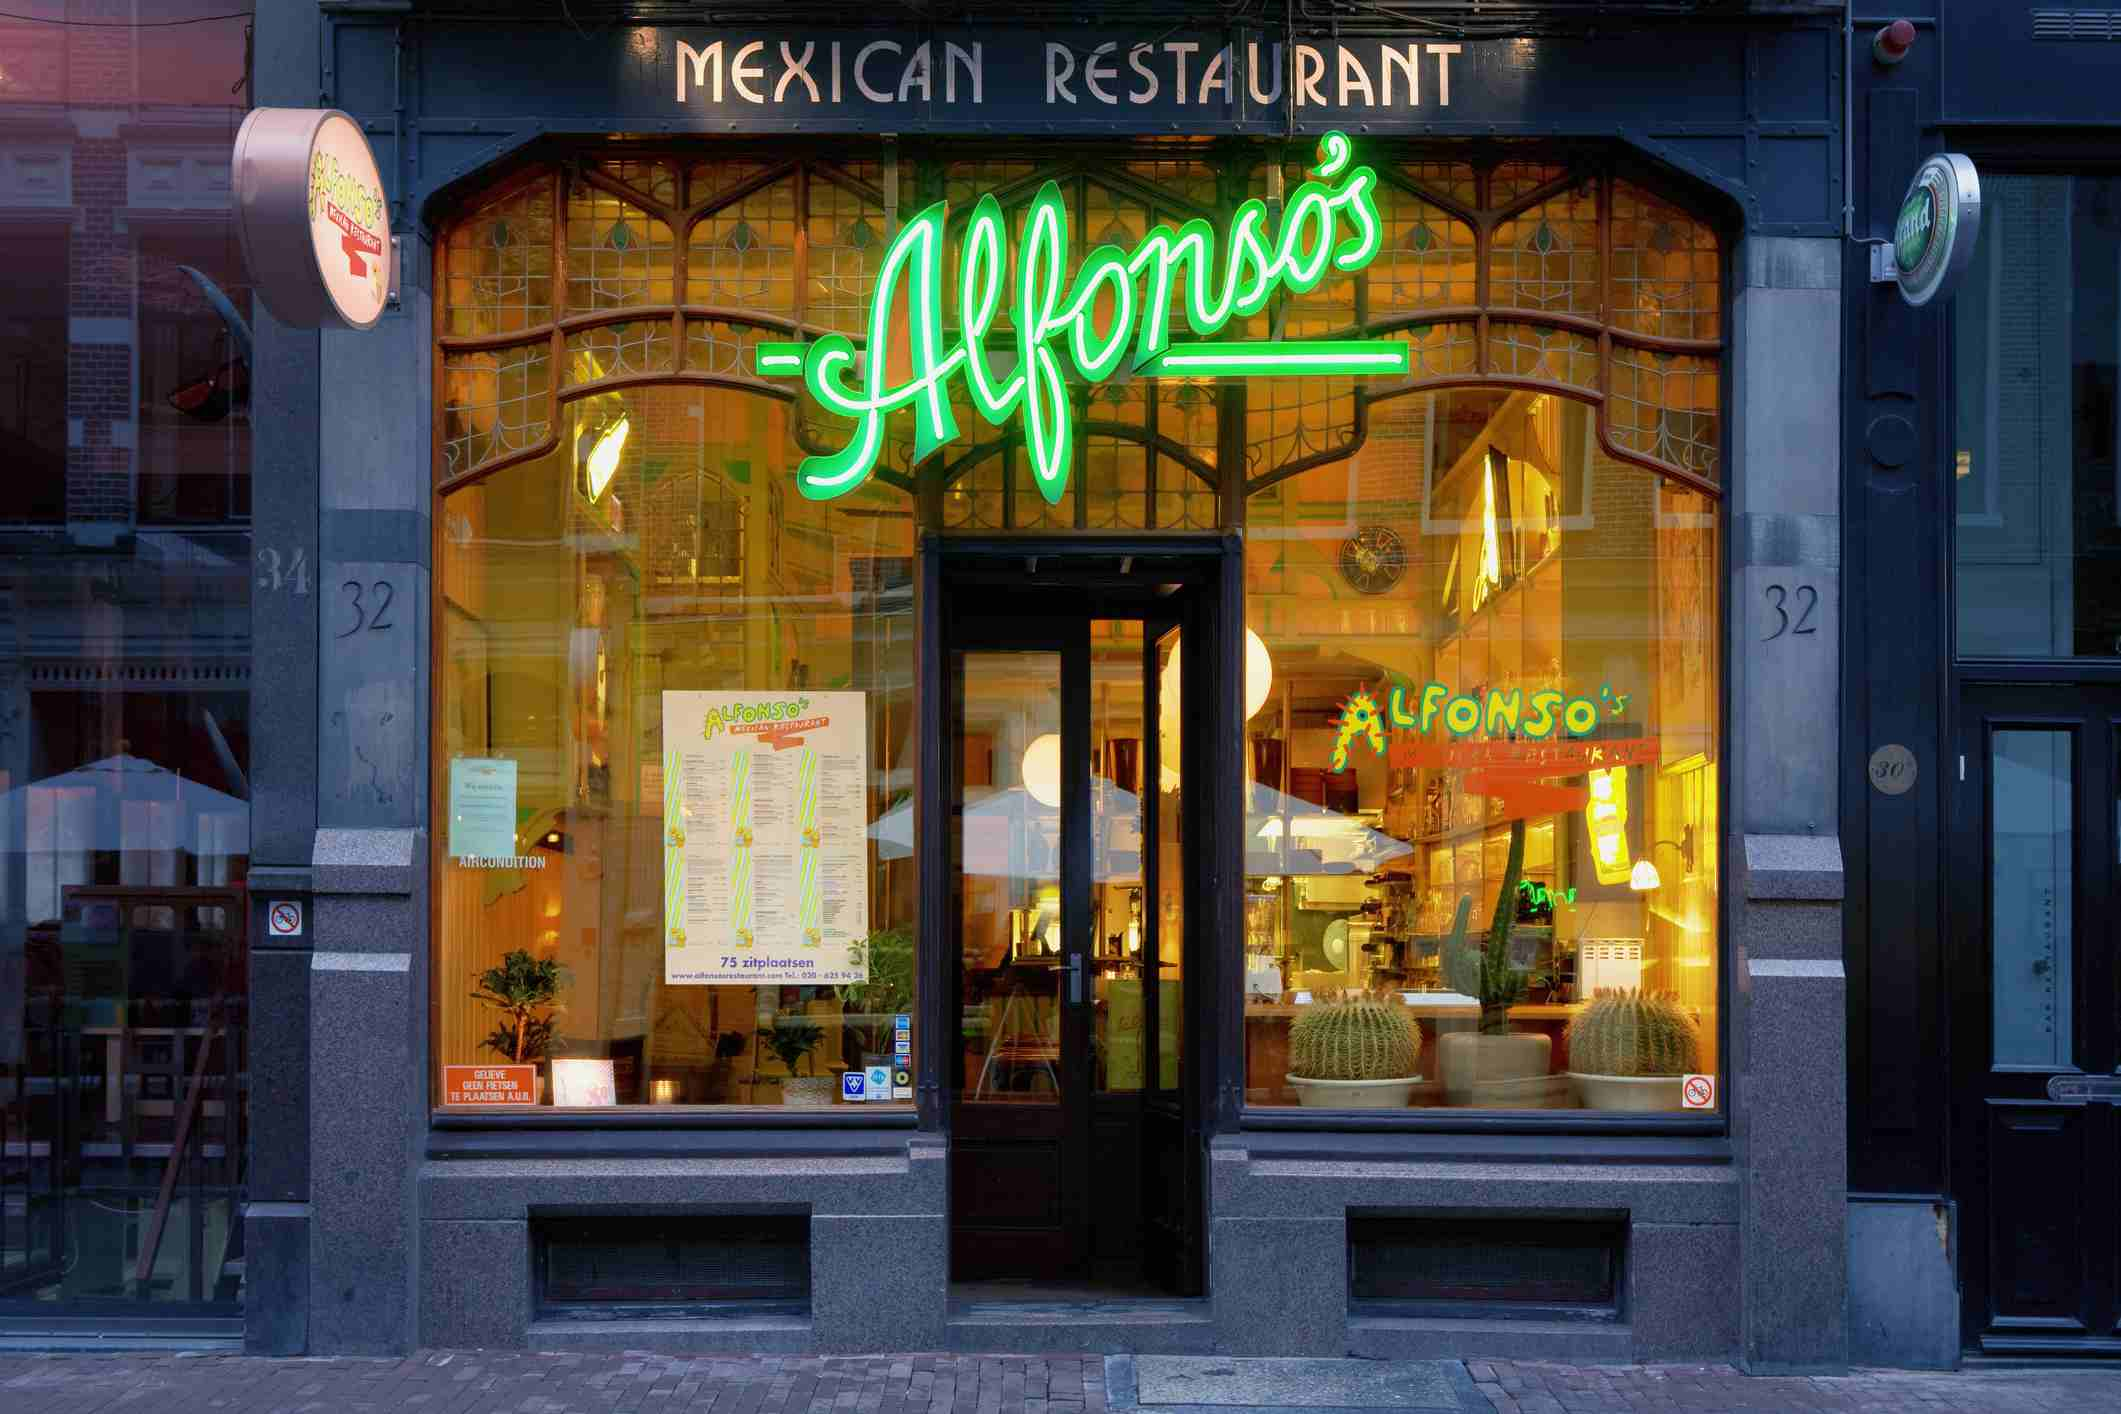 Restaurante mexicano en Utrechstraat.